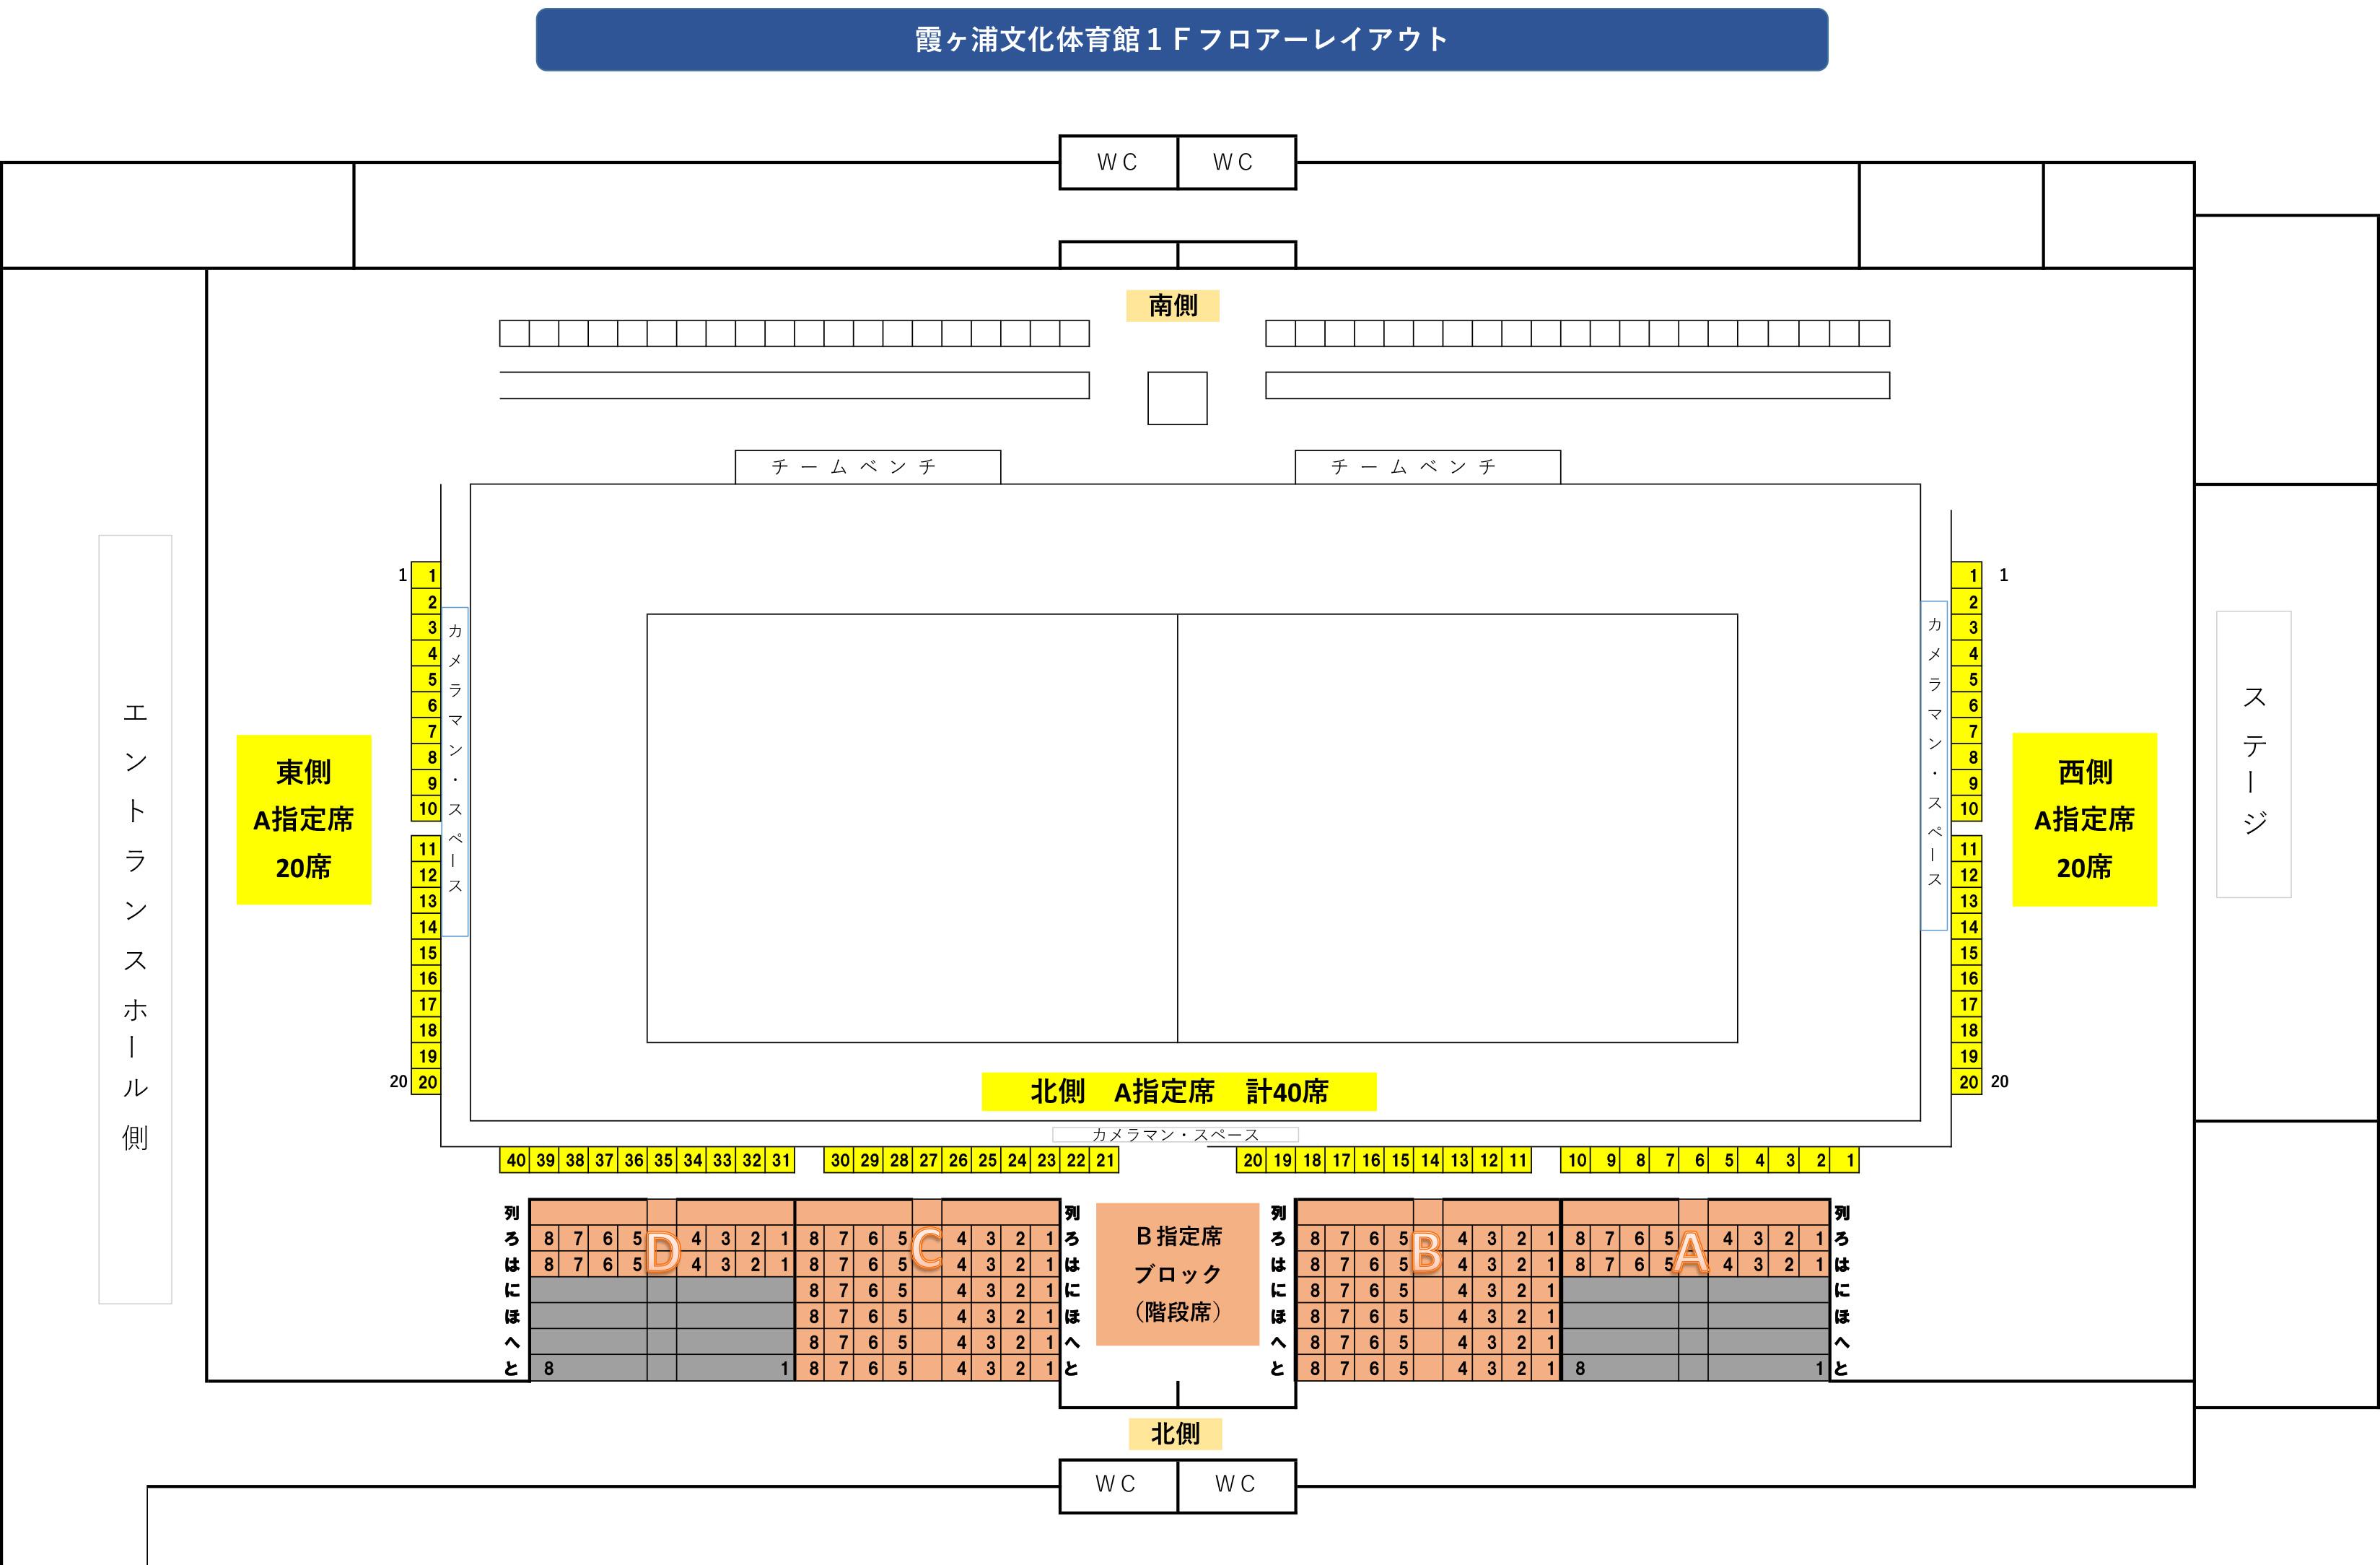 2017/18V・チャレンジリーグⅠ ホームゲーム 土浦大会